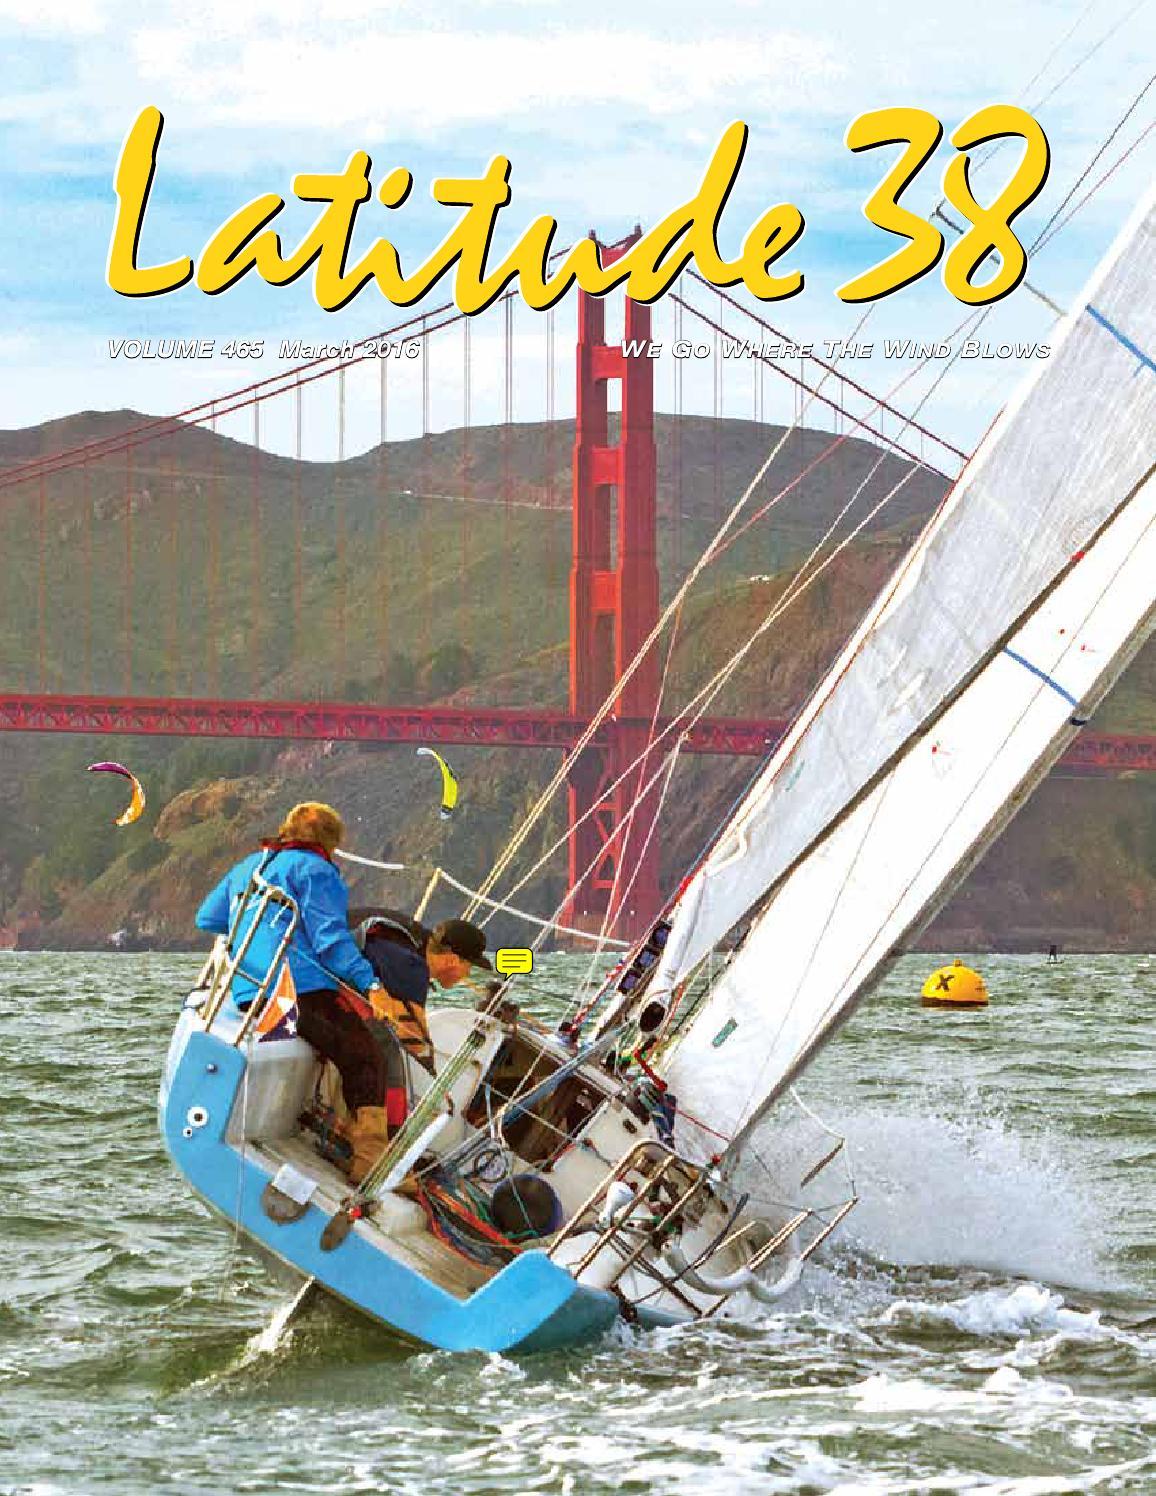 Latitude 38 March 2016 by Latitude 38 Media, LLC - issuu